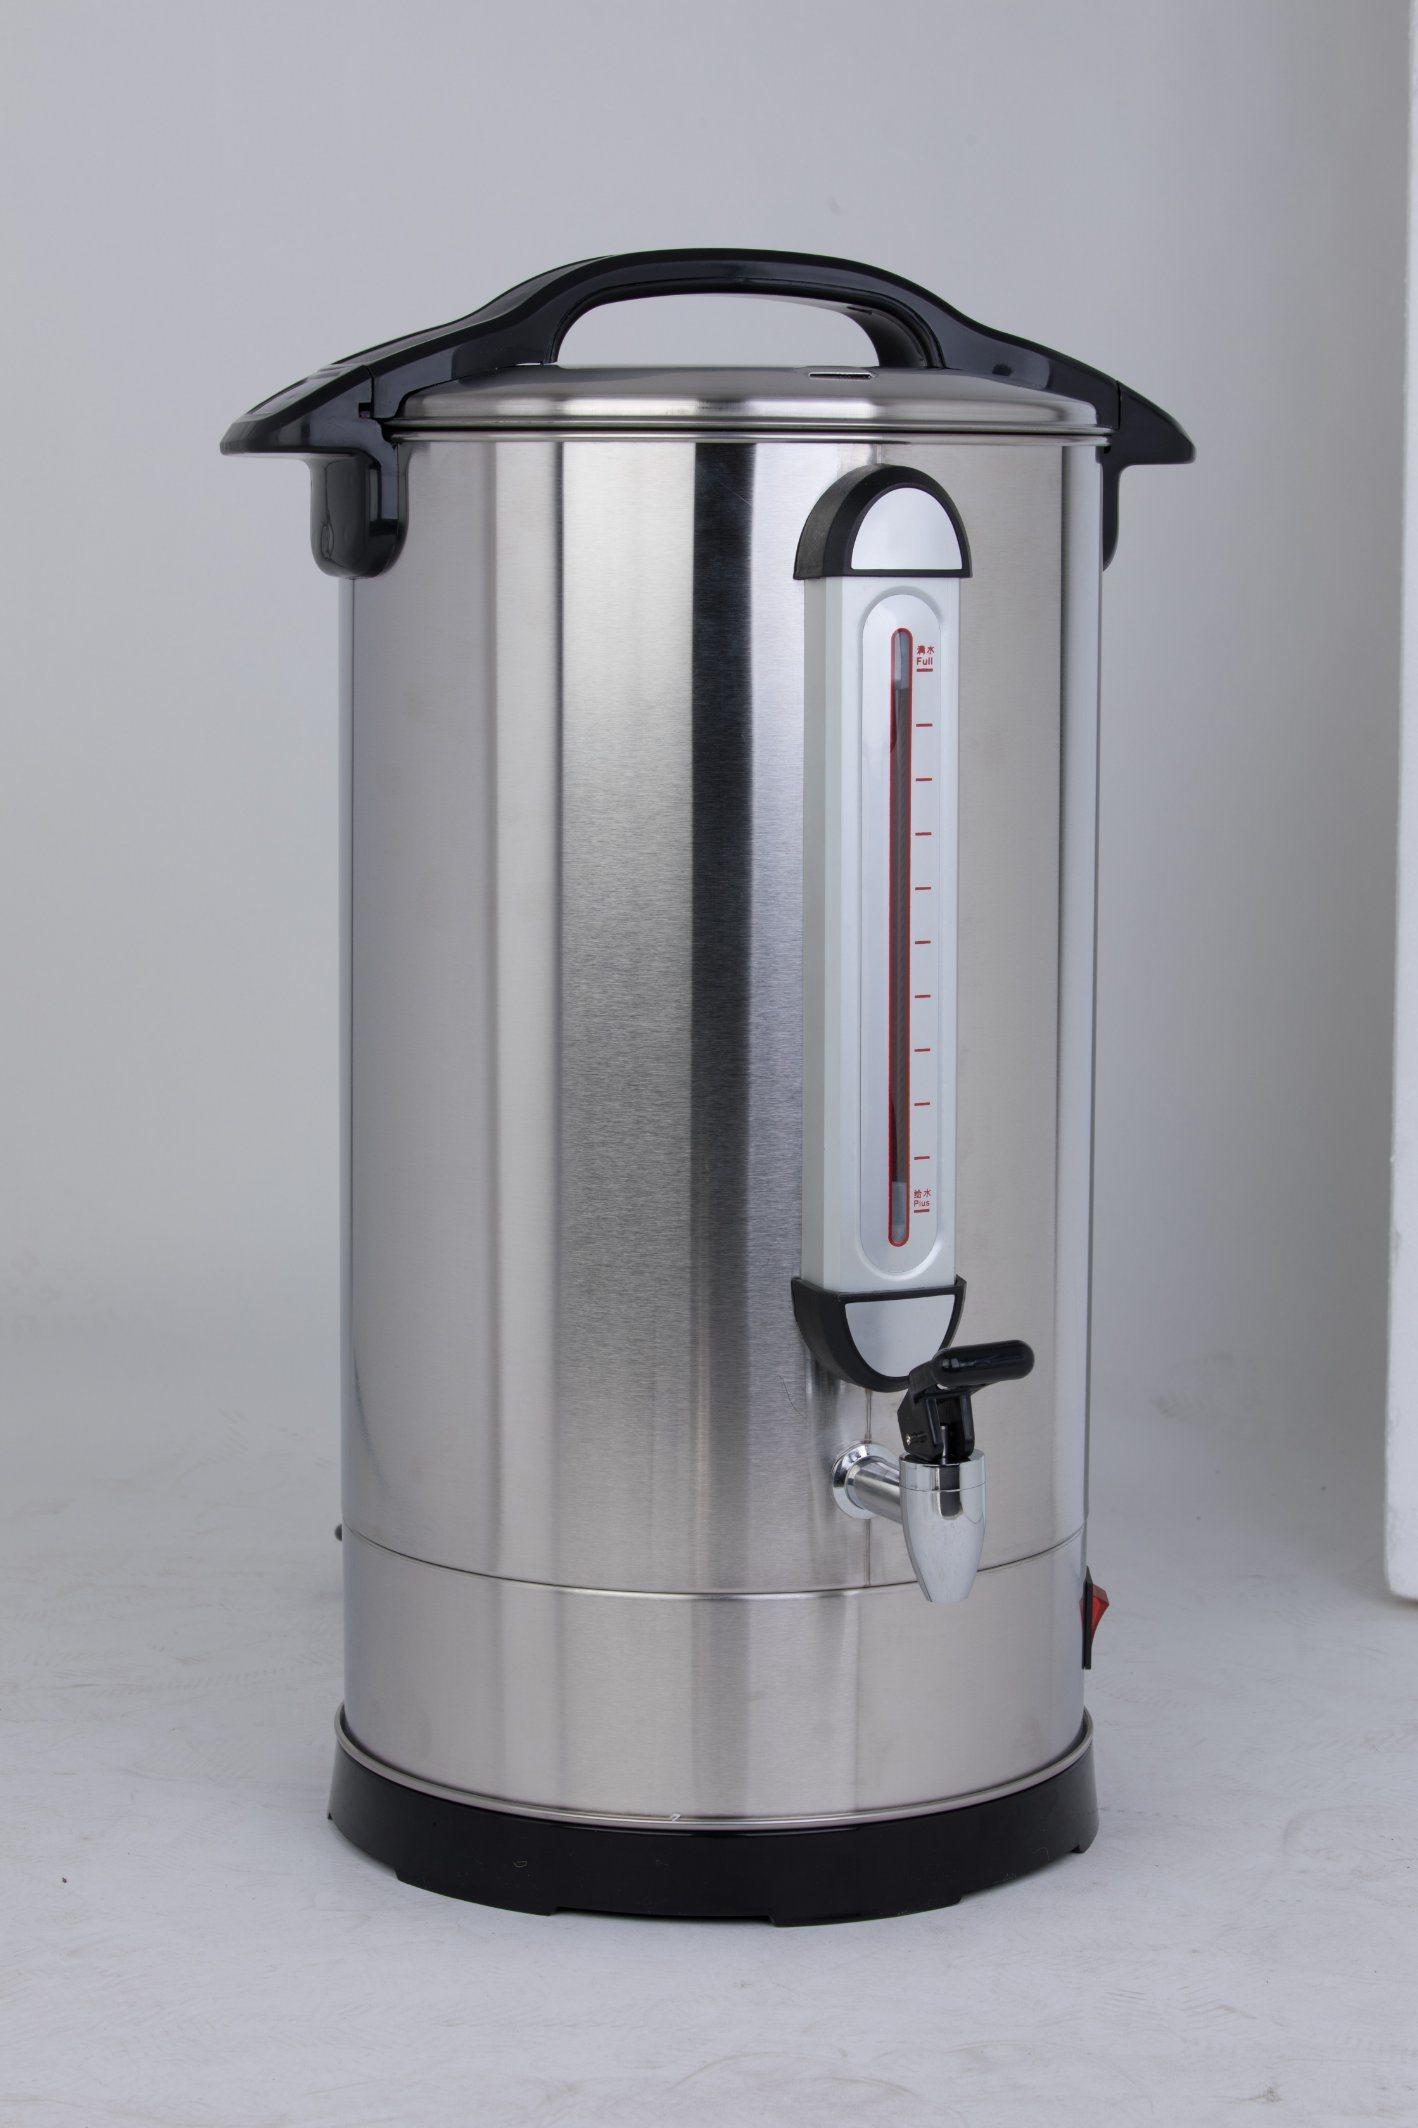 Hot Item Stainless Steel Electric Water Boiler Urn Tea 6 35 Liter Hotel Restaurant Equipment Dispenser